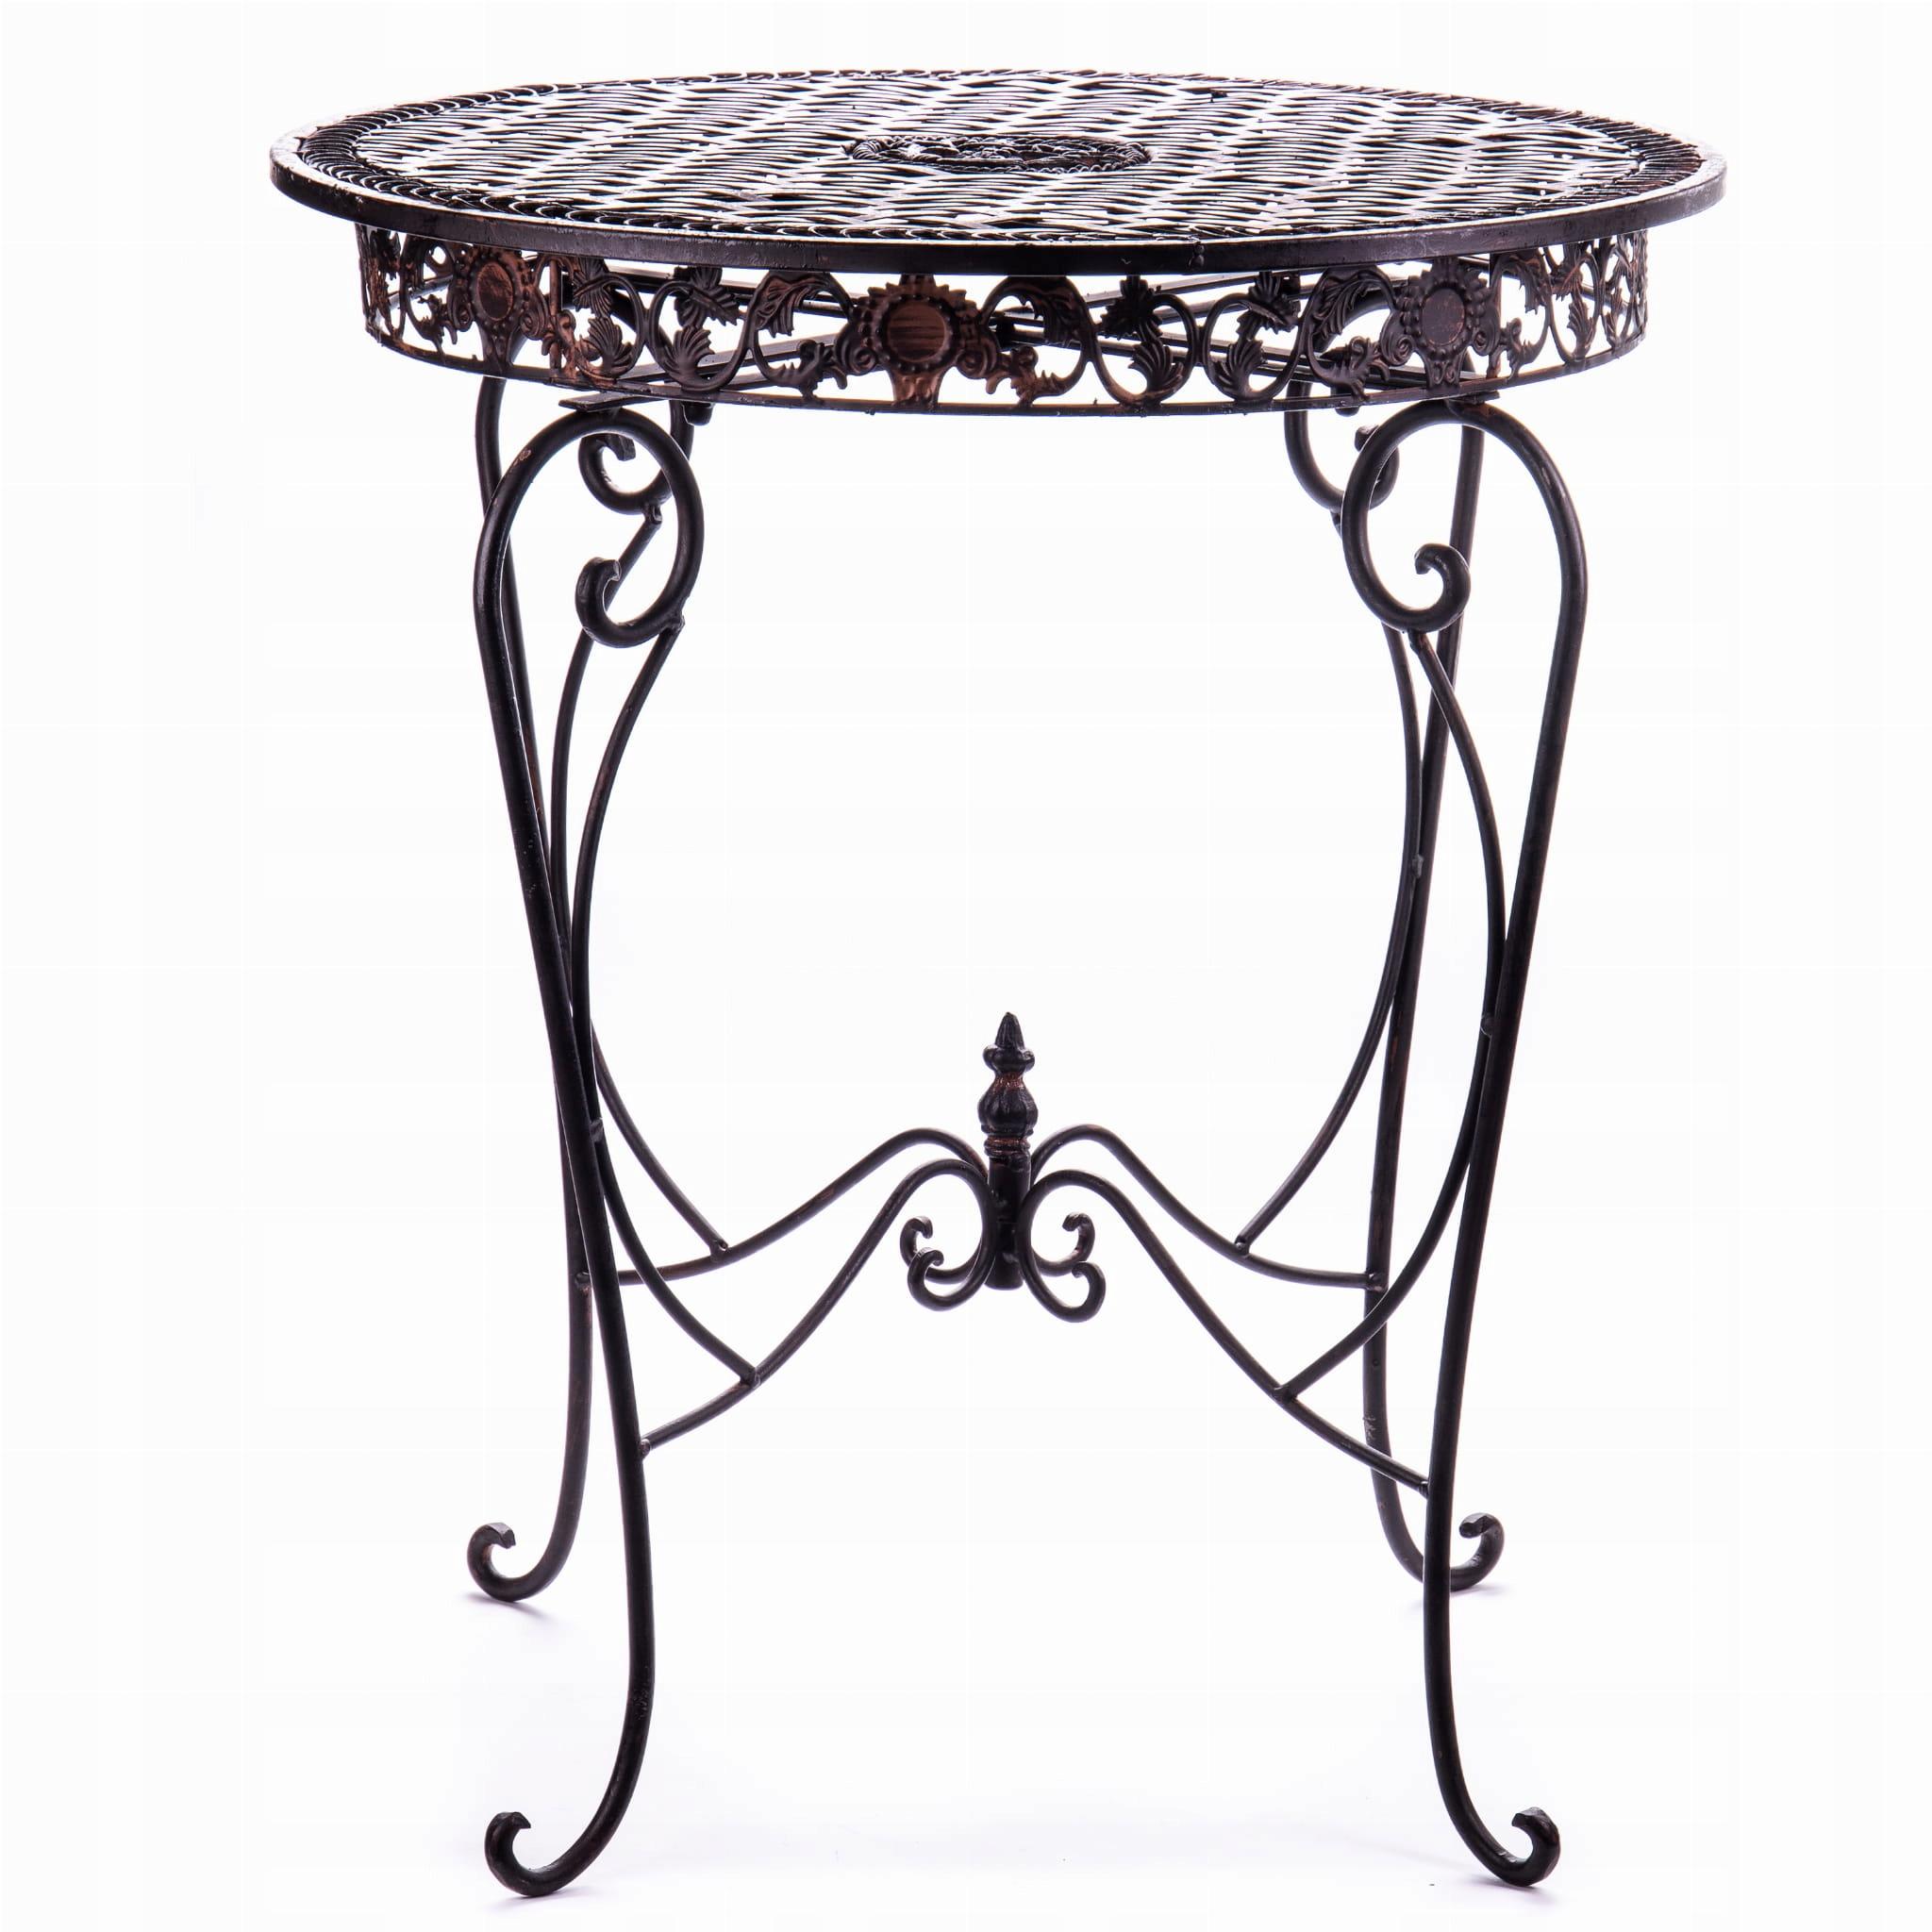 Okrúhly kovový záhradný stôl hnedý Vintage